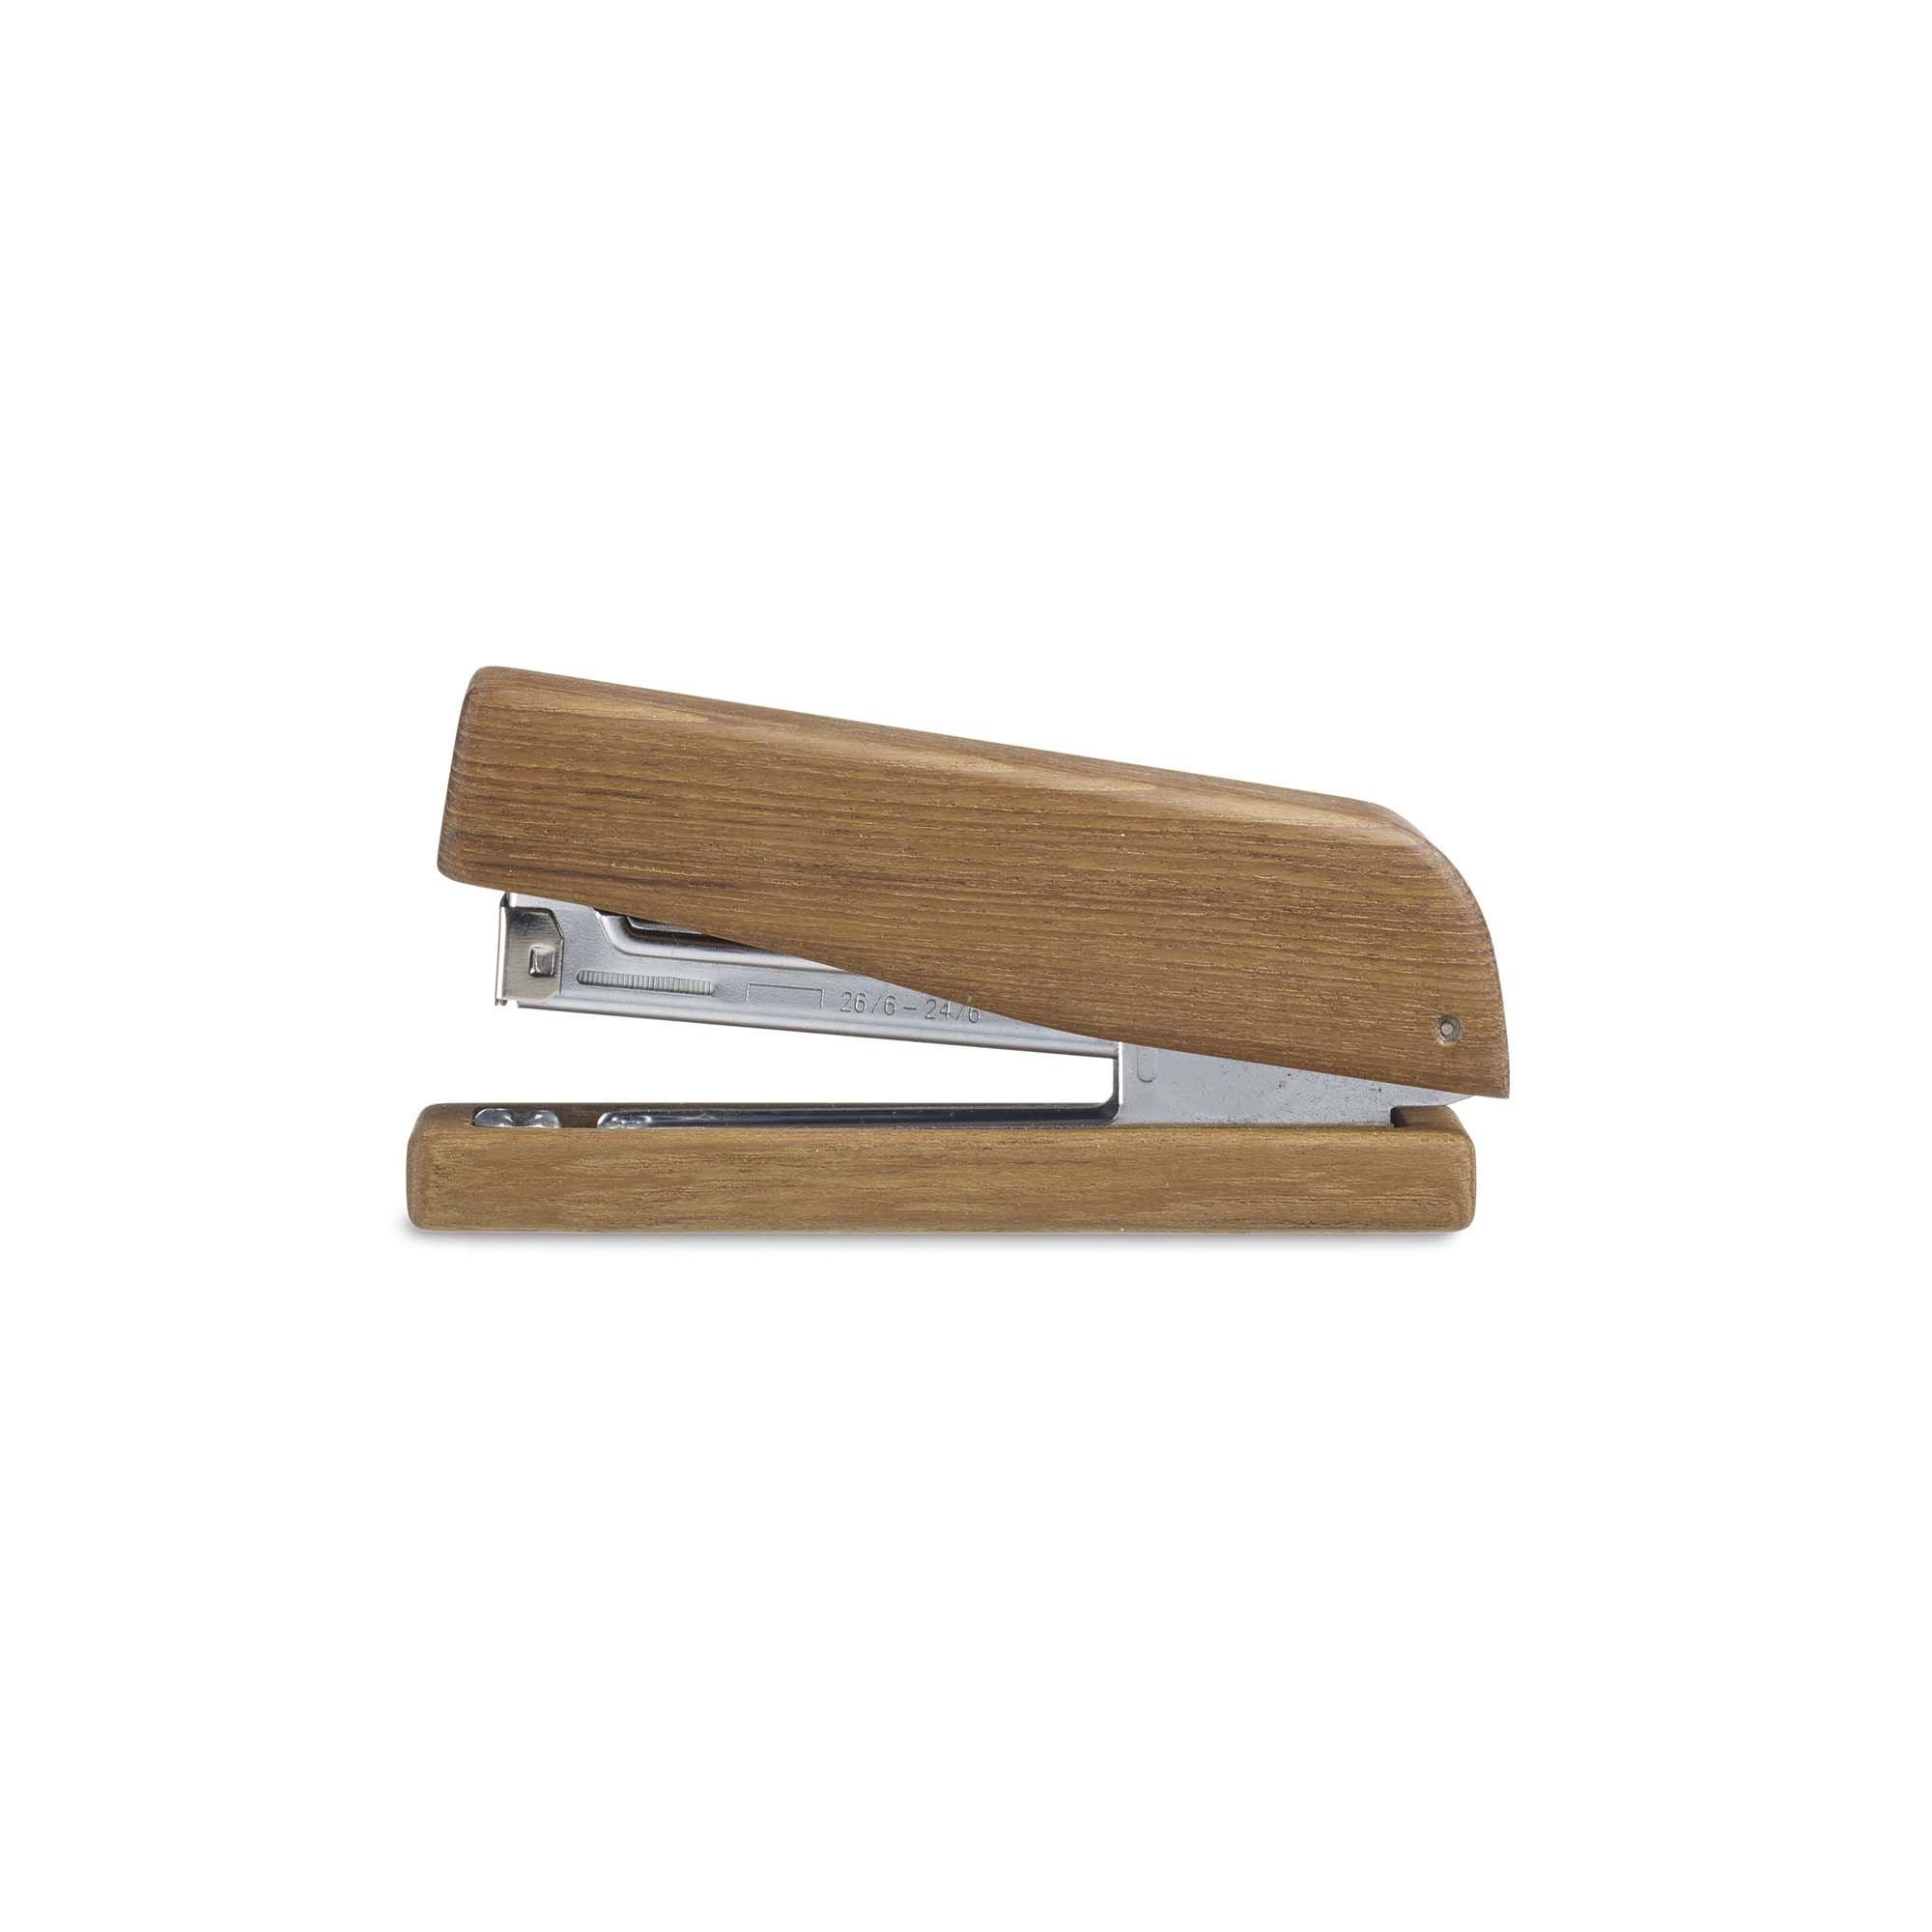 Design Ideas Takara Stapler, Teak Wood Desktop Stapler for Office or Home, Brown